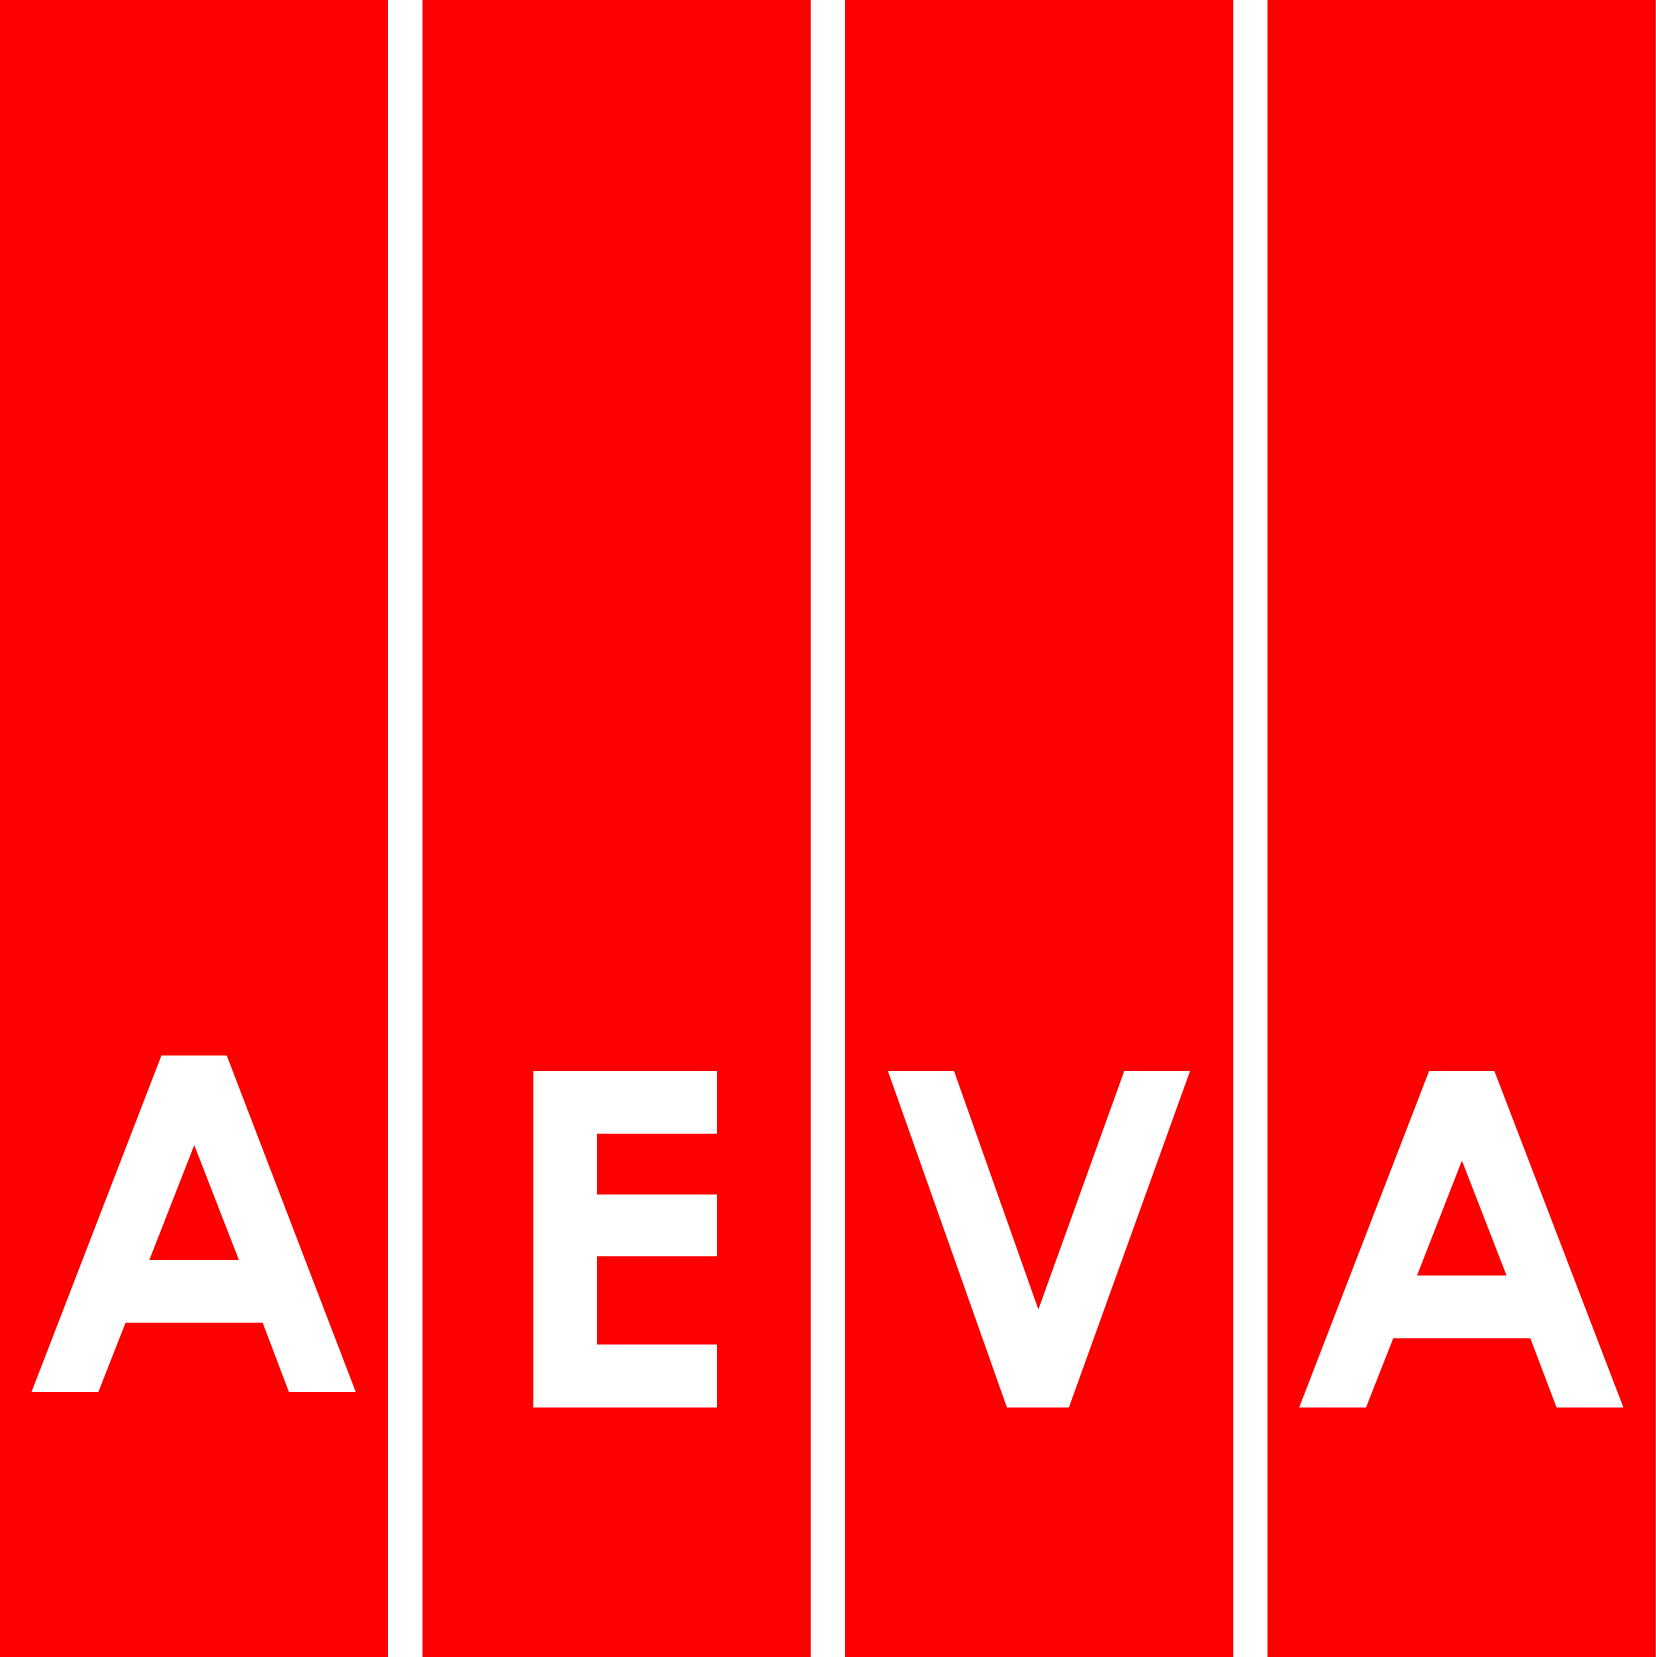 aeva associado da associacao plataforma para a construcao sustentavel